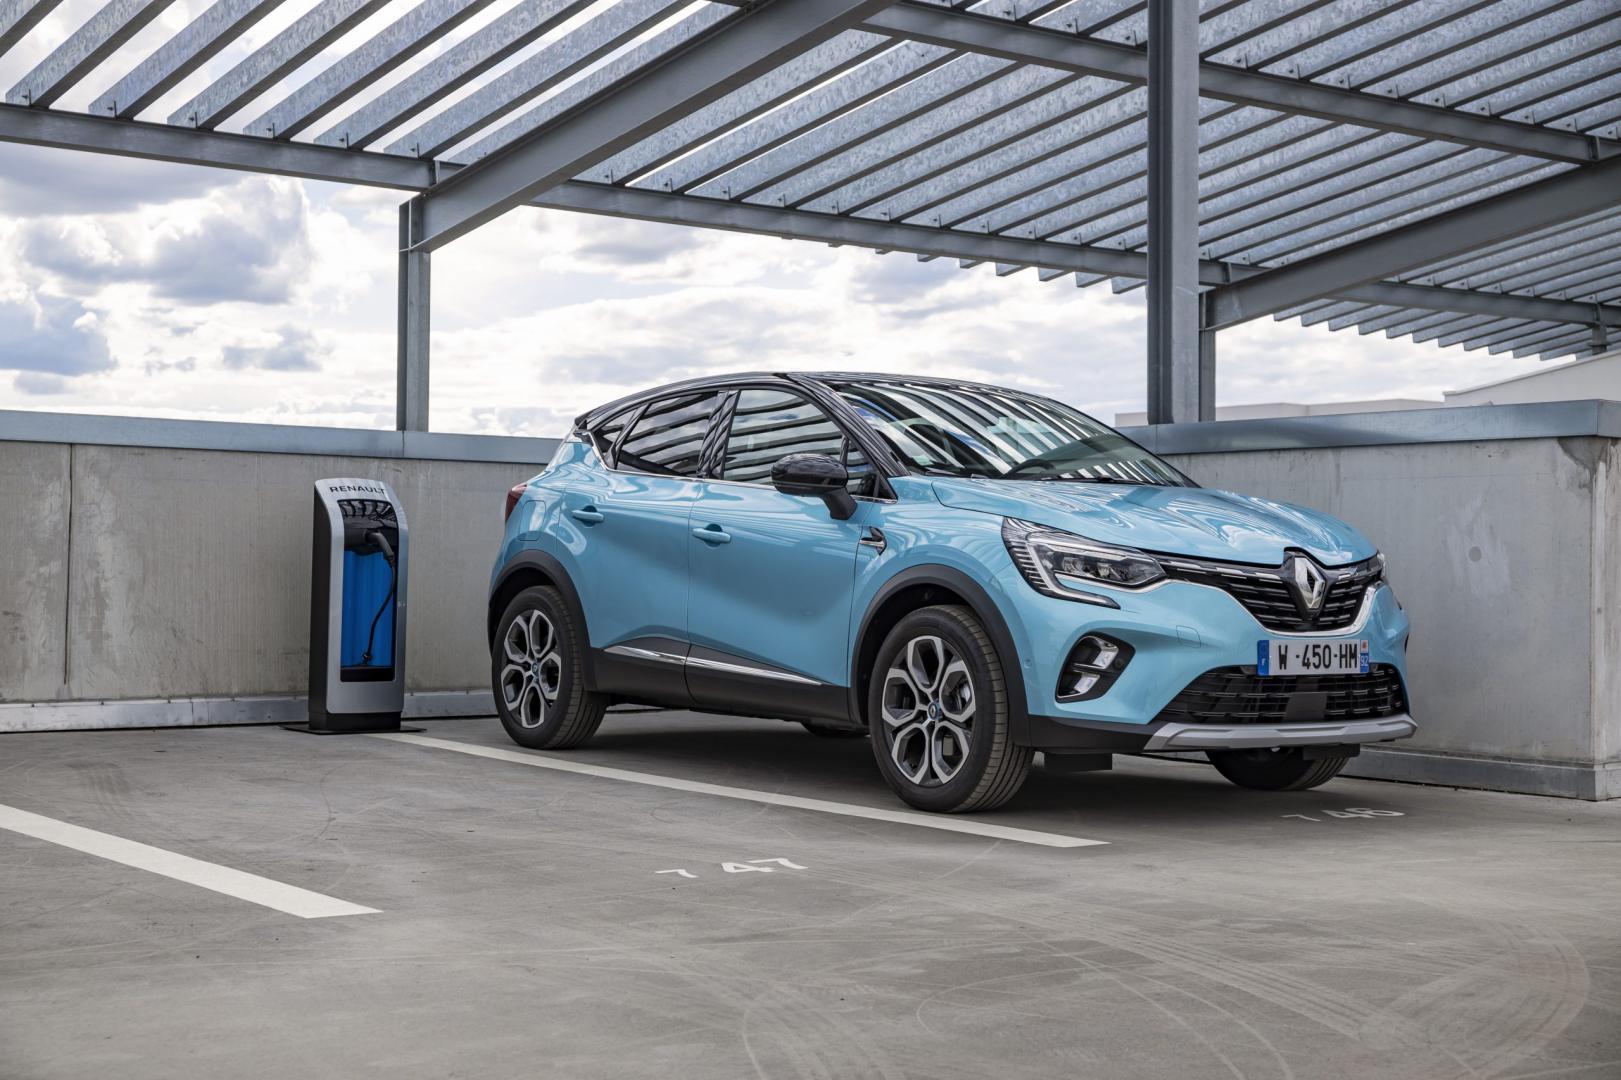 Renault Captur E-Tech PHEV 2020 aan de laadpaal laden)